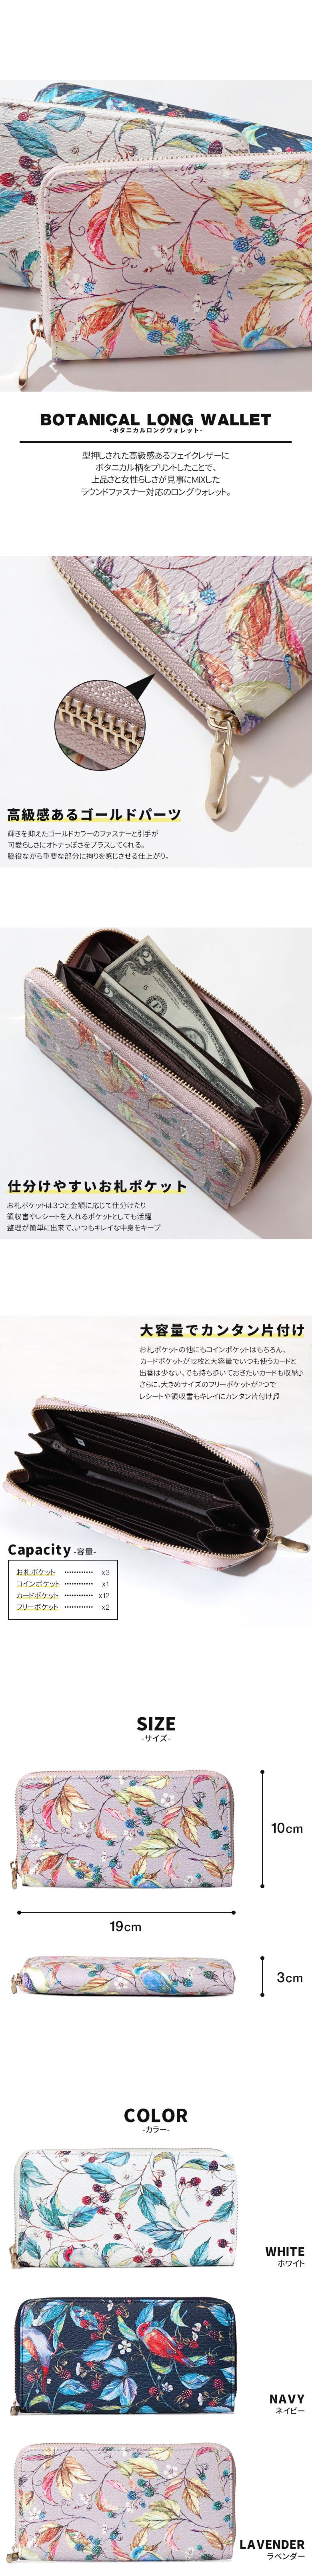 財布 通販 ボタニカル柄ロングウォレット レディース